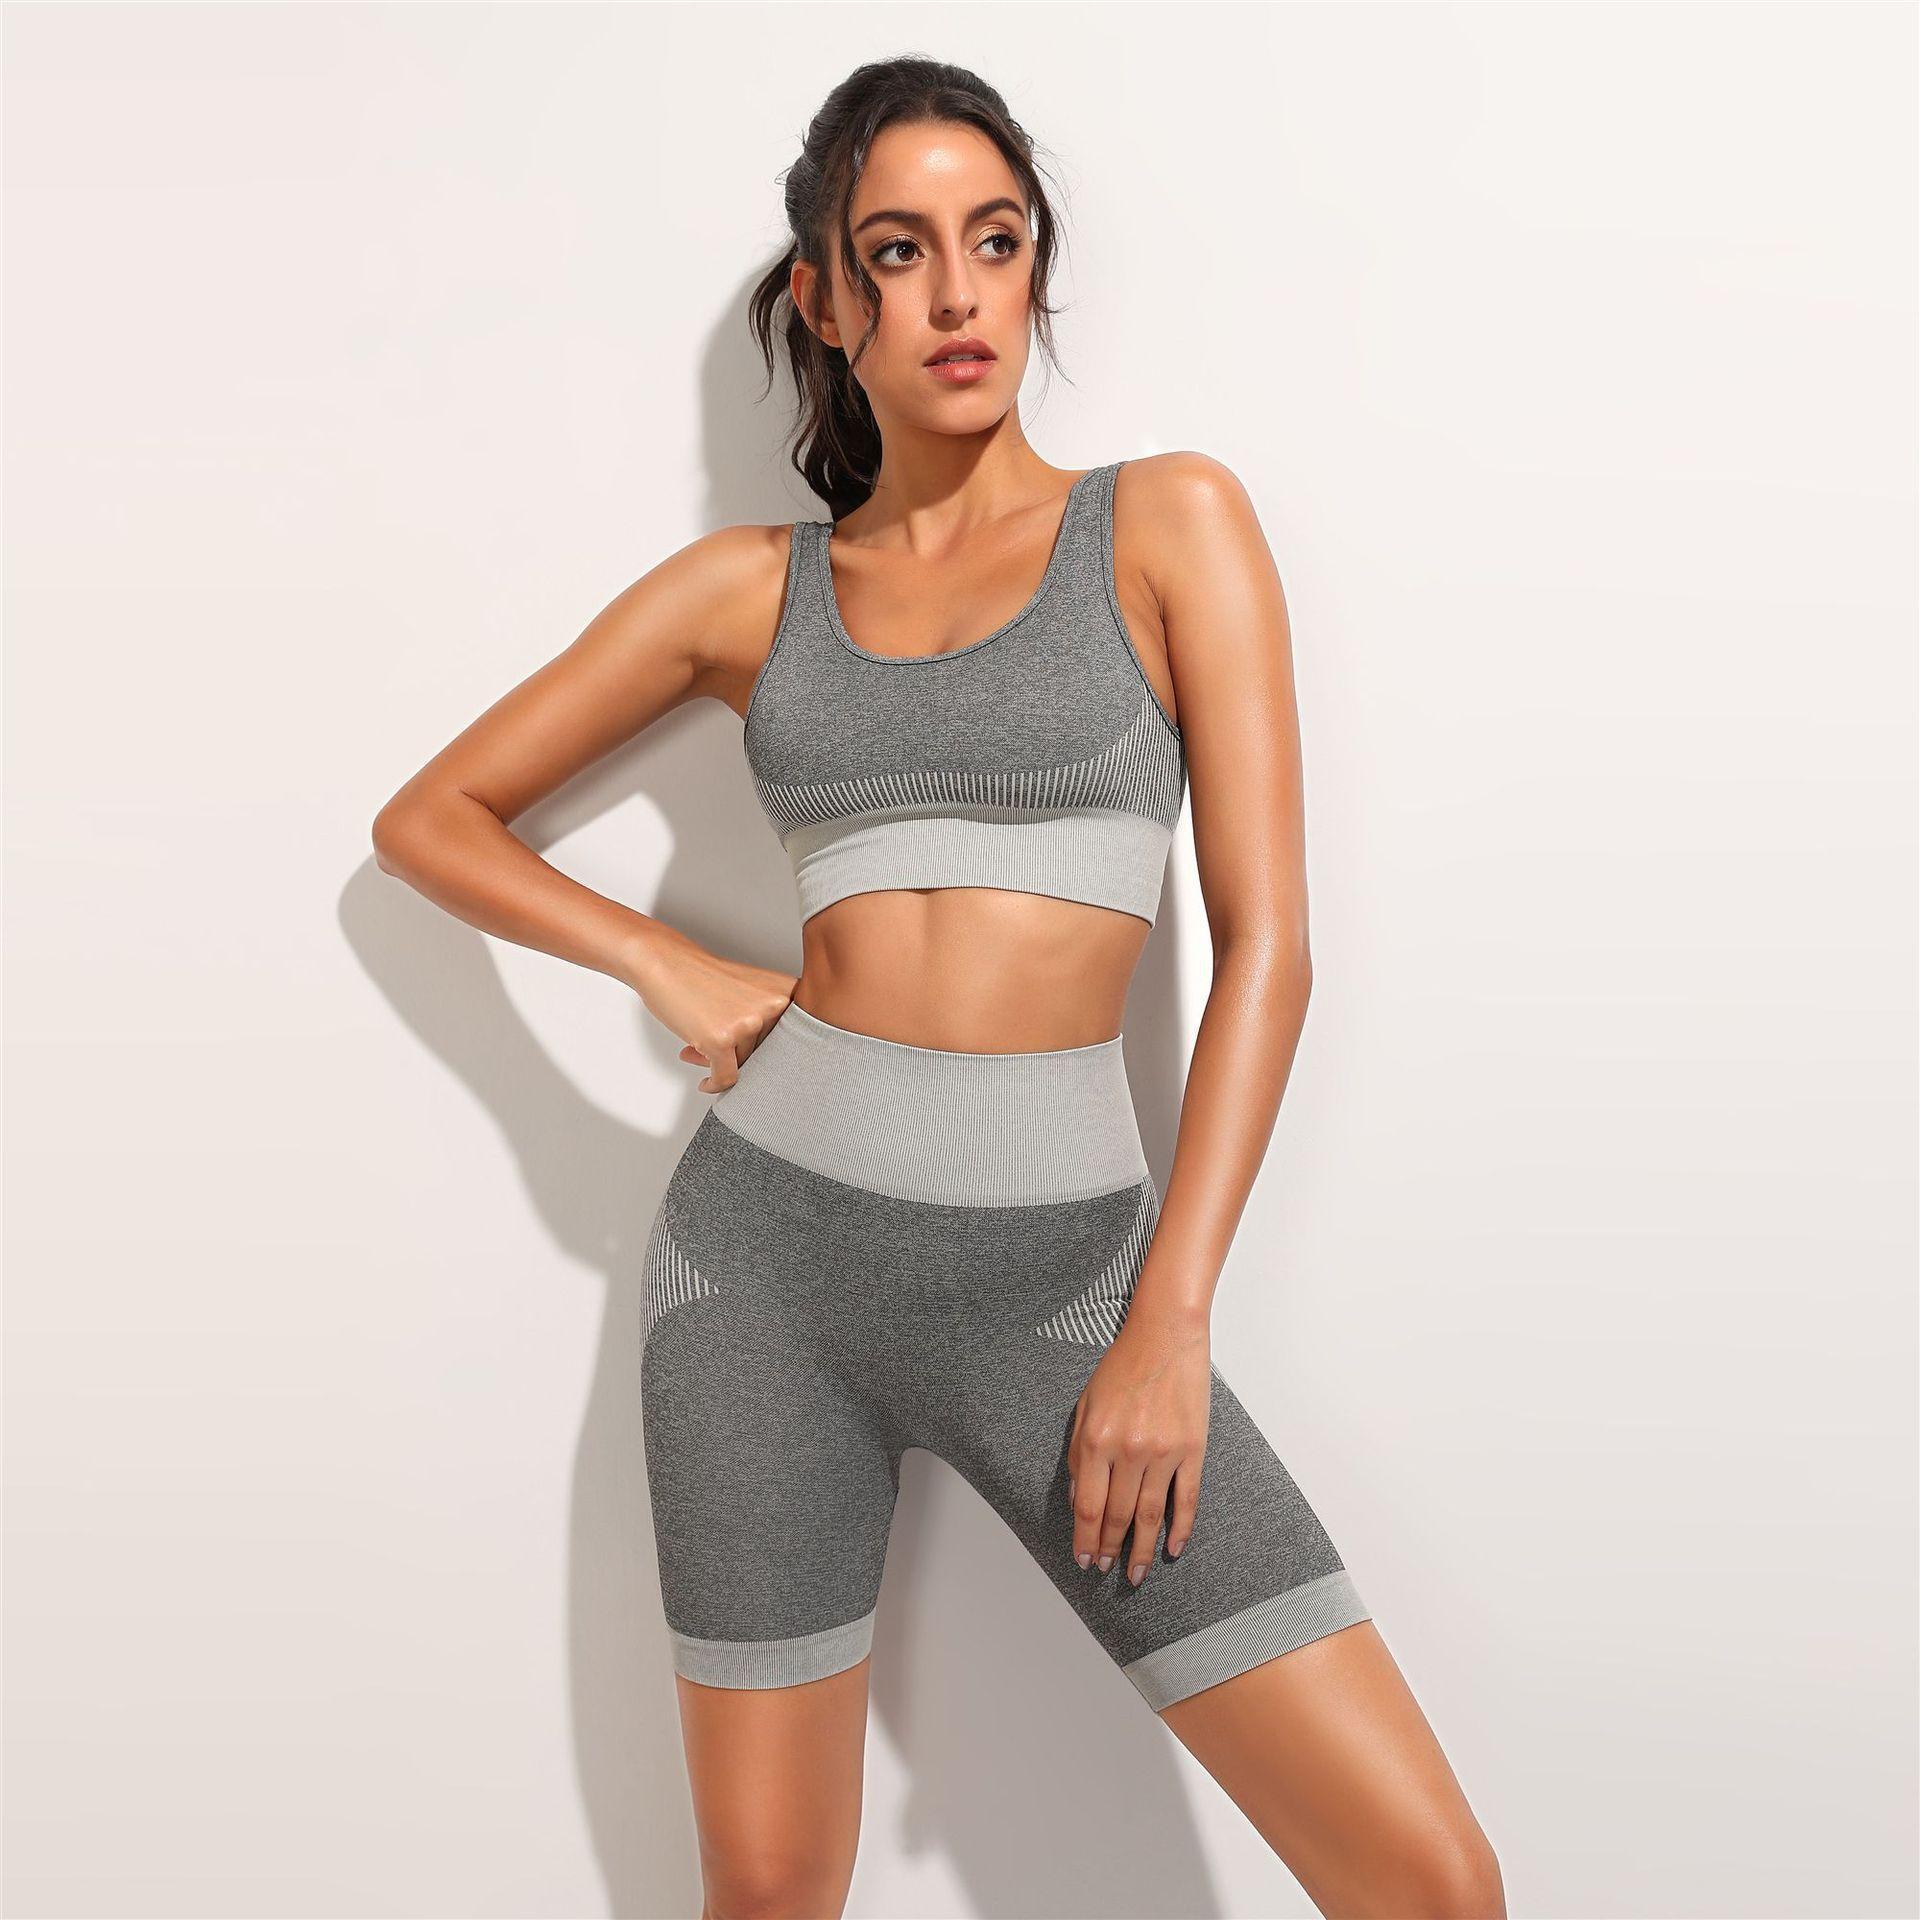 Kadınlar Için 2 Parça Spor Kıyafetleri Egzersiz Takım Elbise Seti Yoga Kırpma Tank Top Çapraz Geri Sütyen Ve Yüksek Bel Tozluk Spor Kıyafet